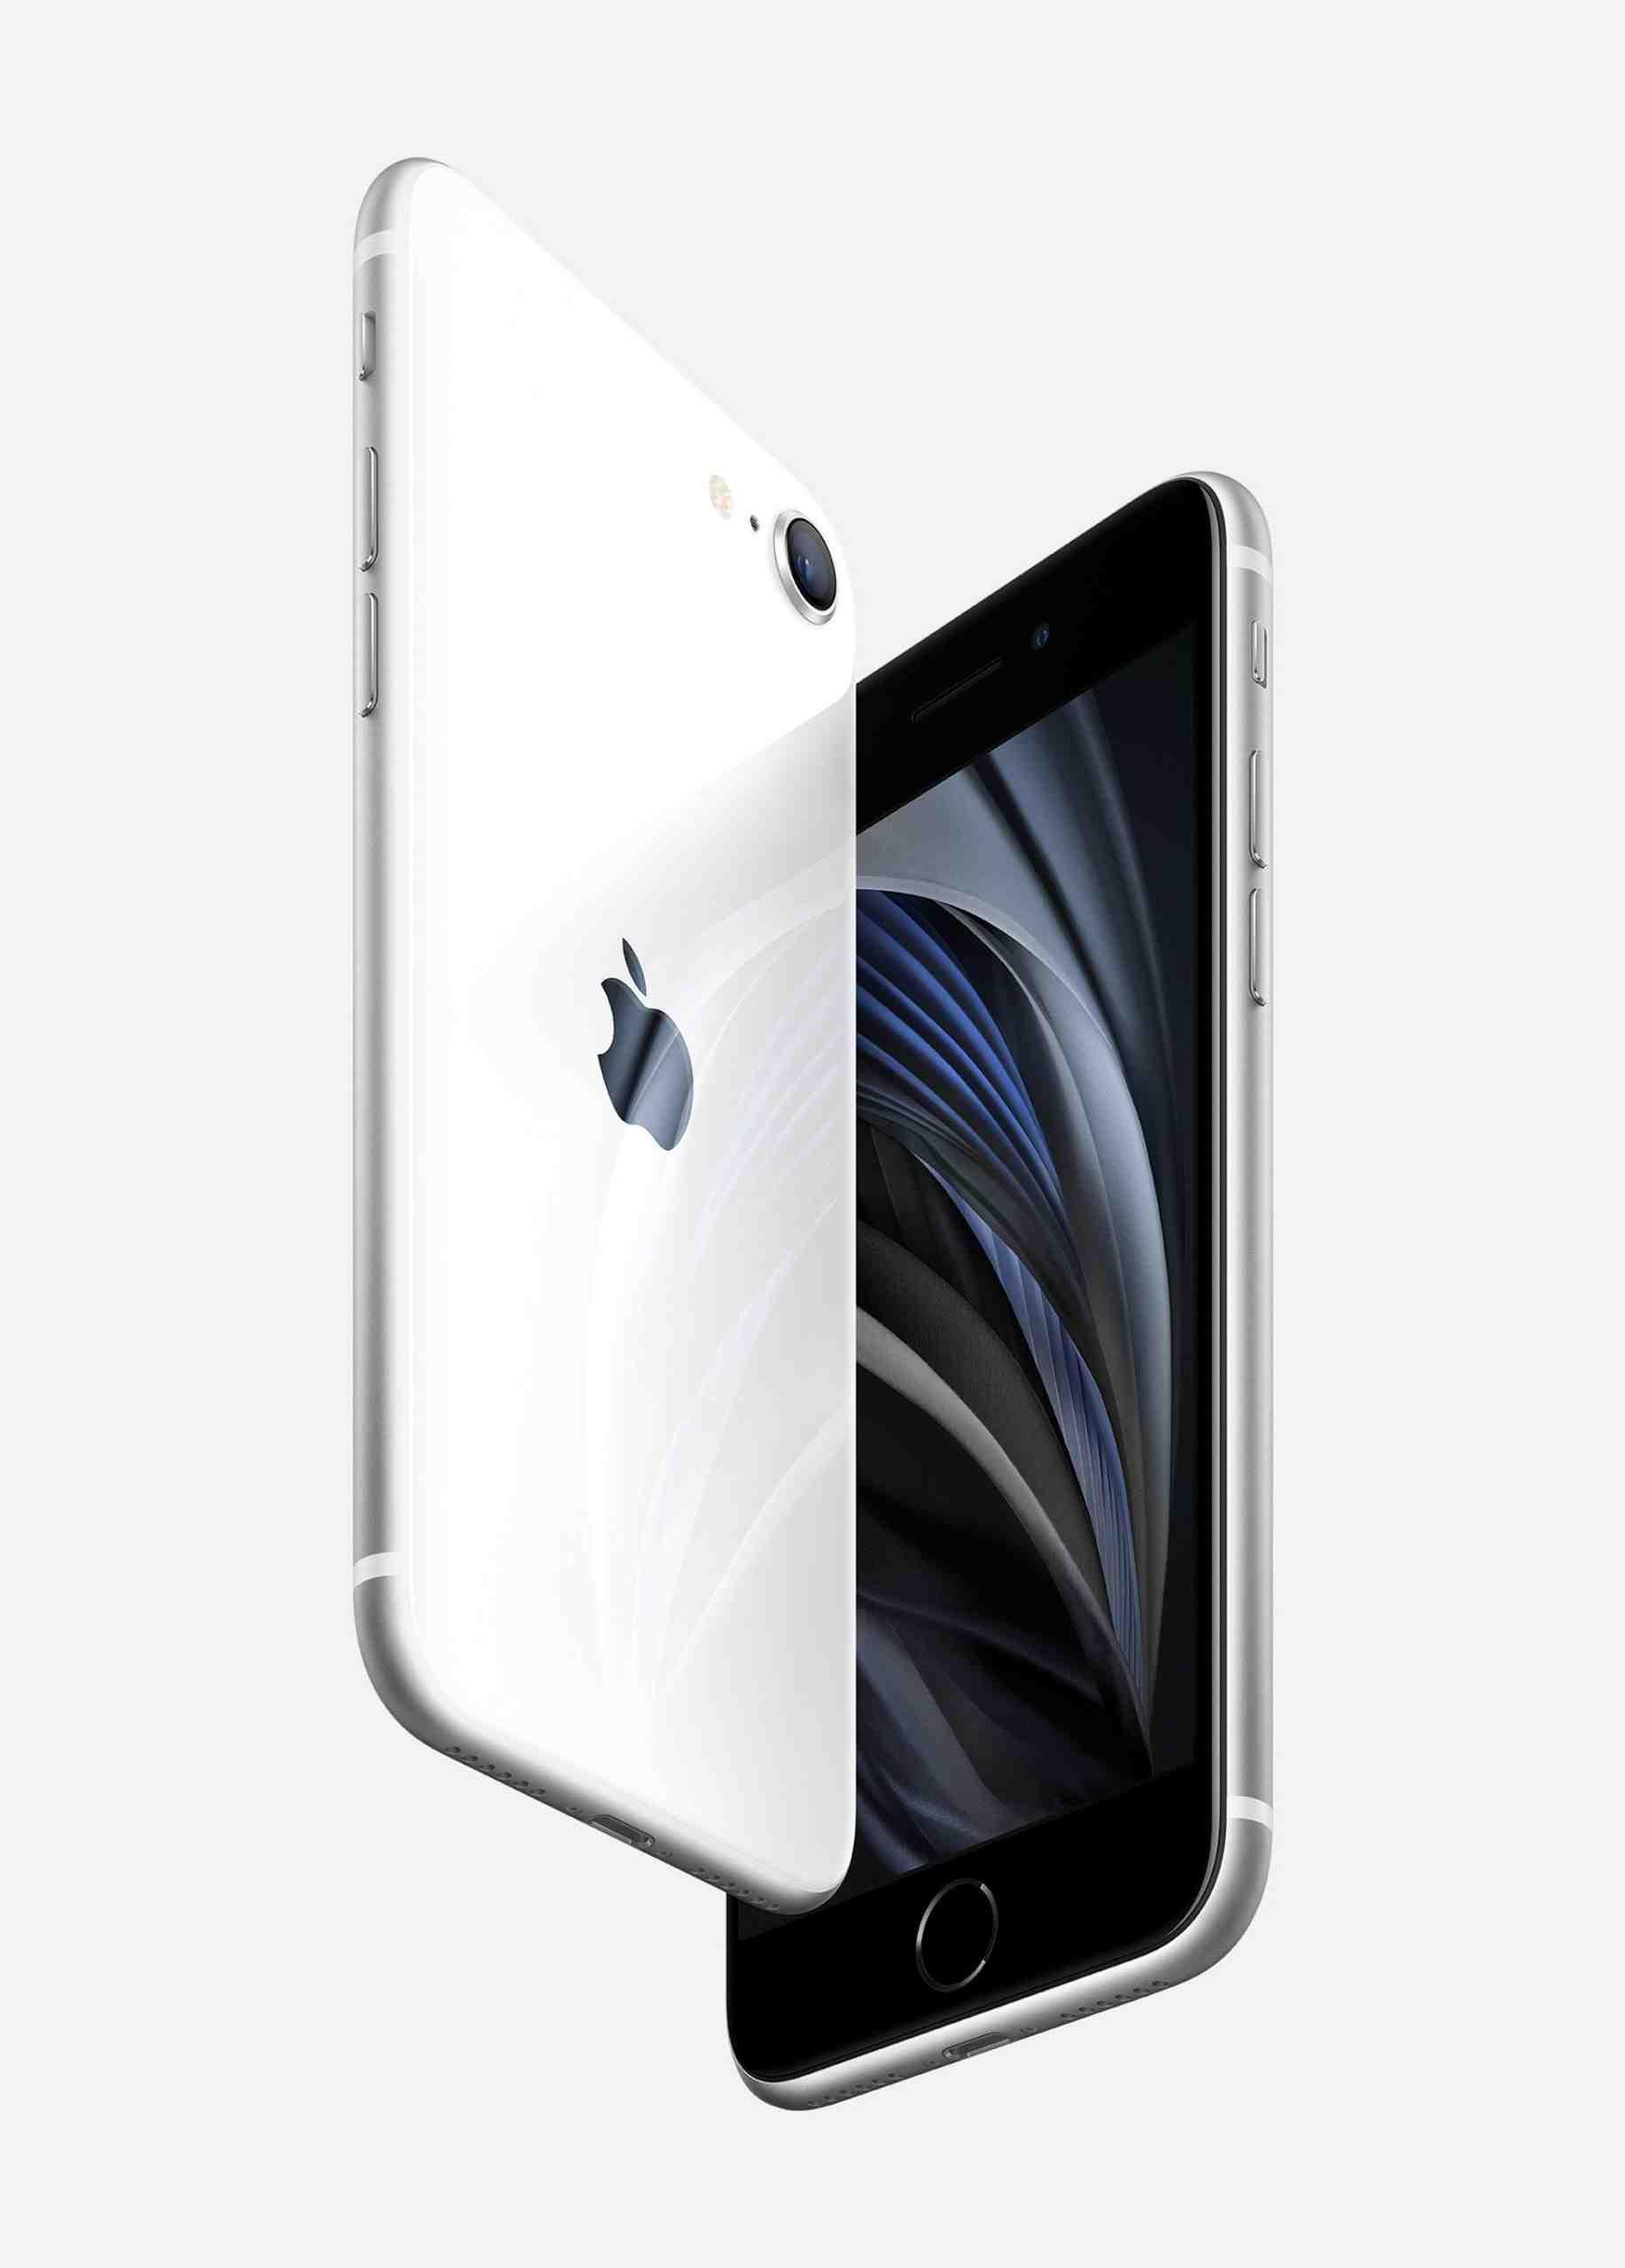 L'Iphone xr se déconnecte sans cesse du wifi